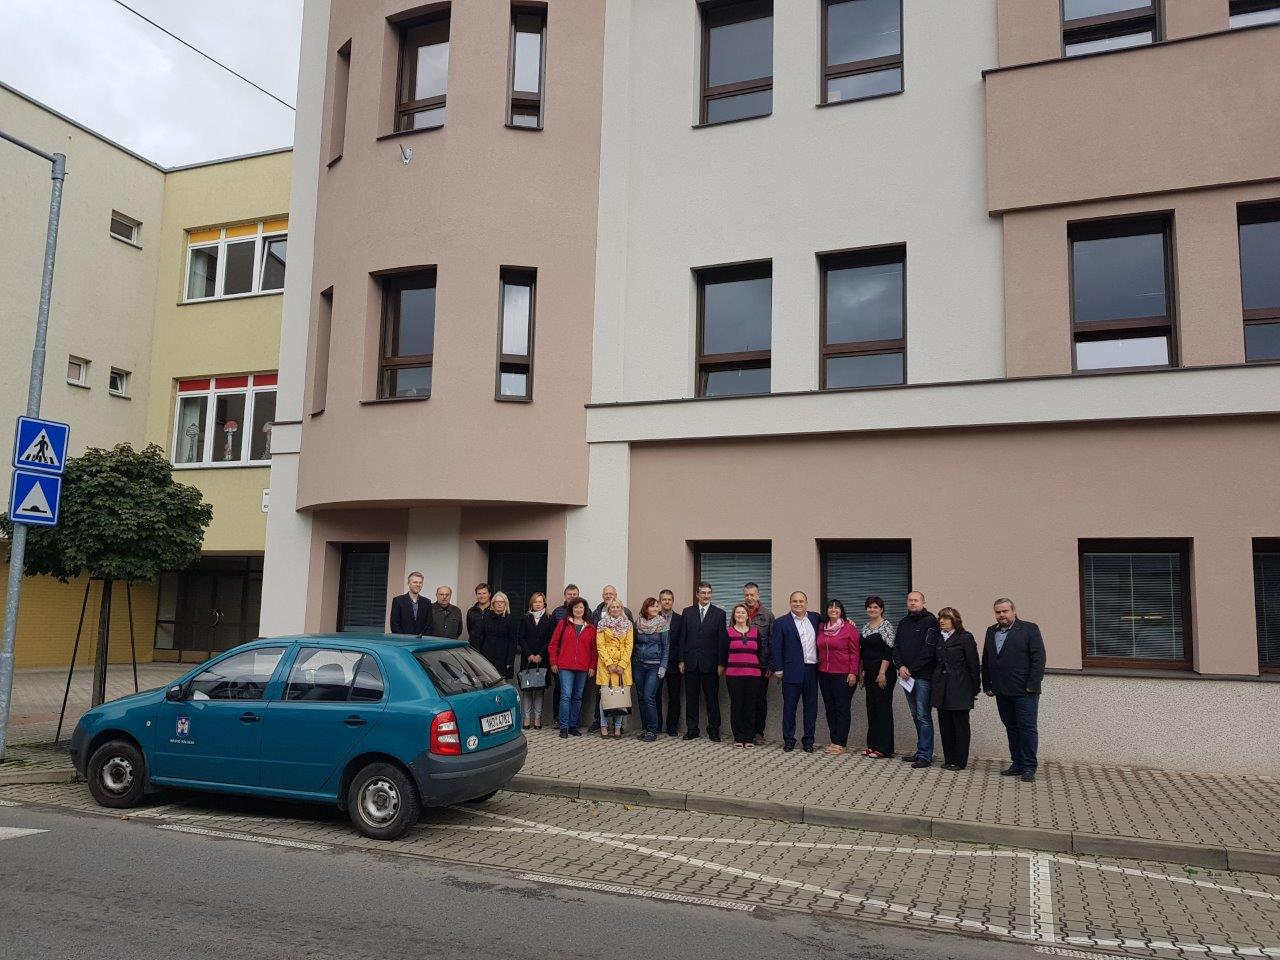 Mateřská škola v Komenského ulici má dokončeno zateplení celé budovy